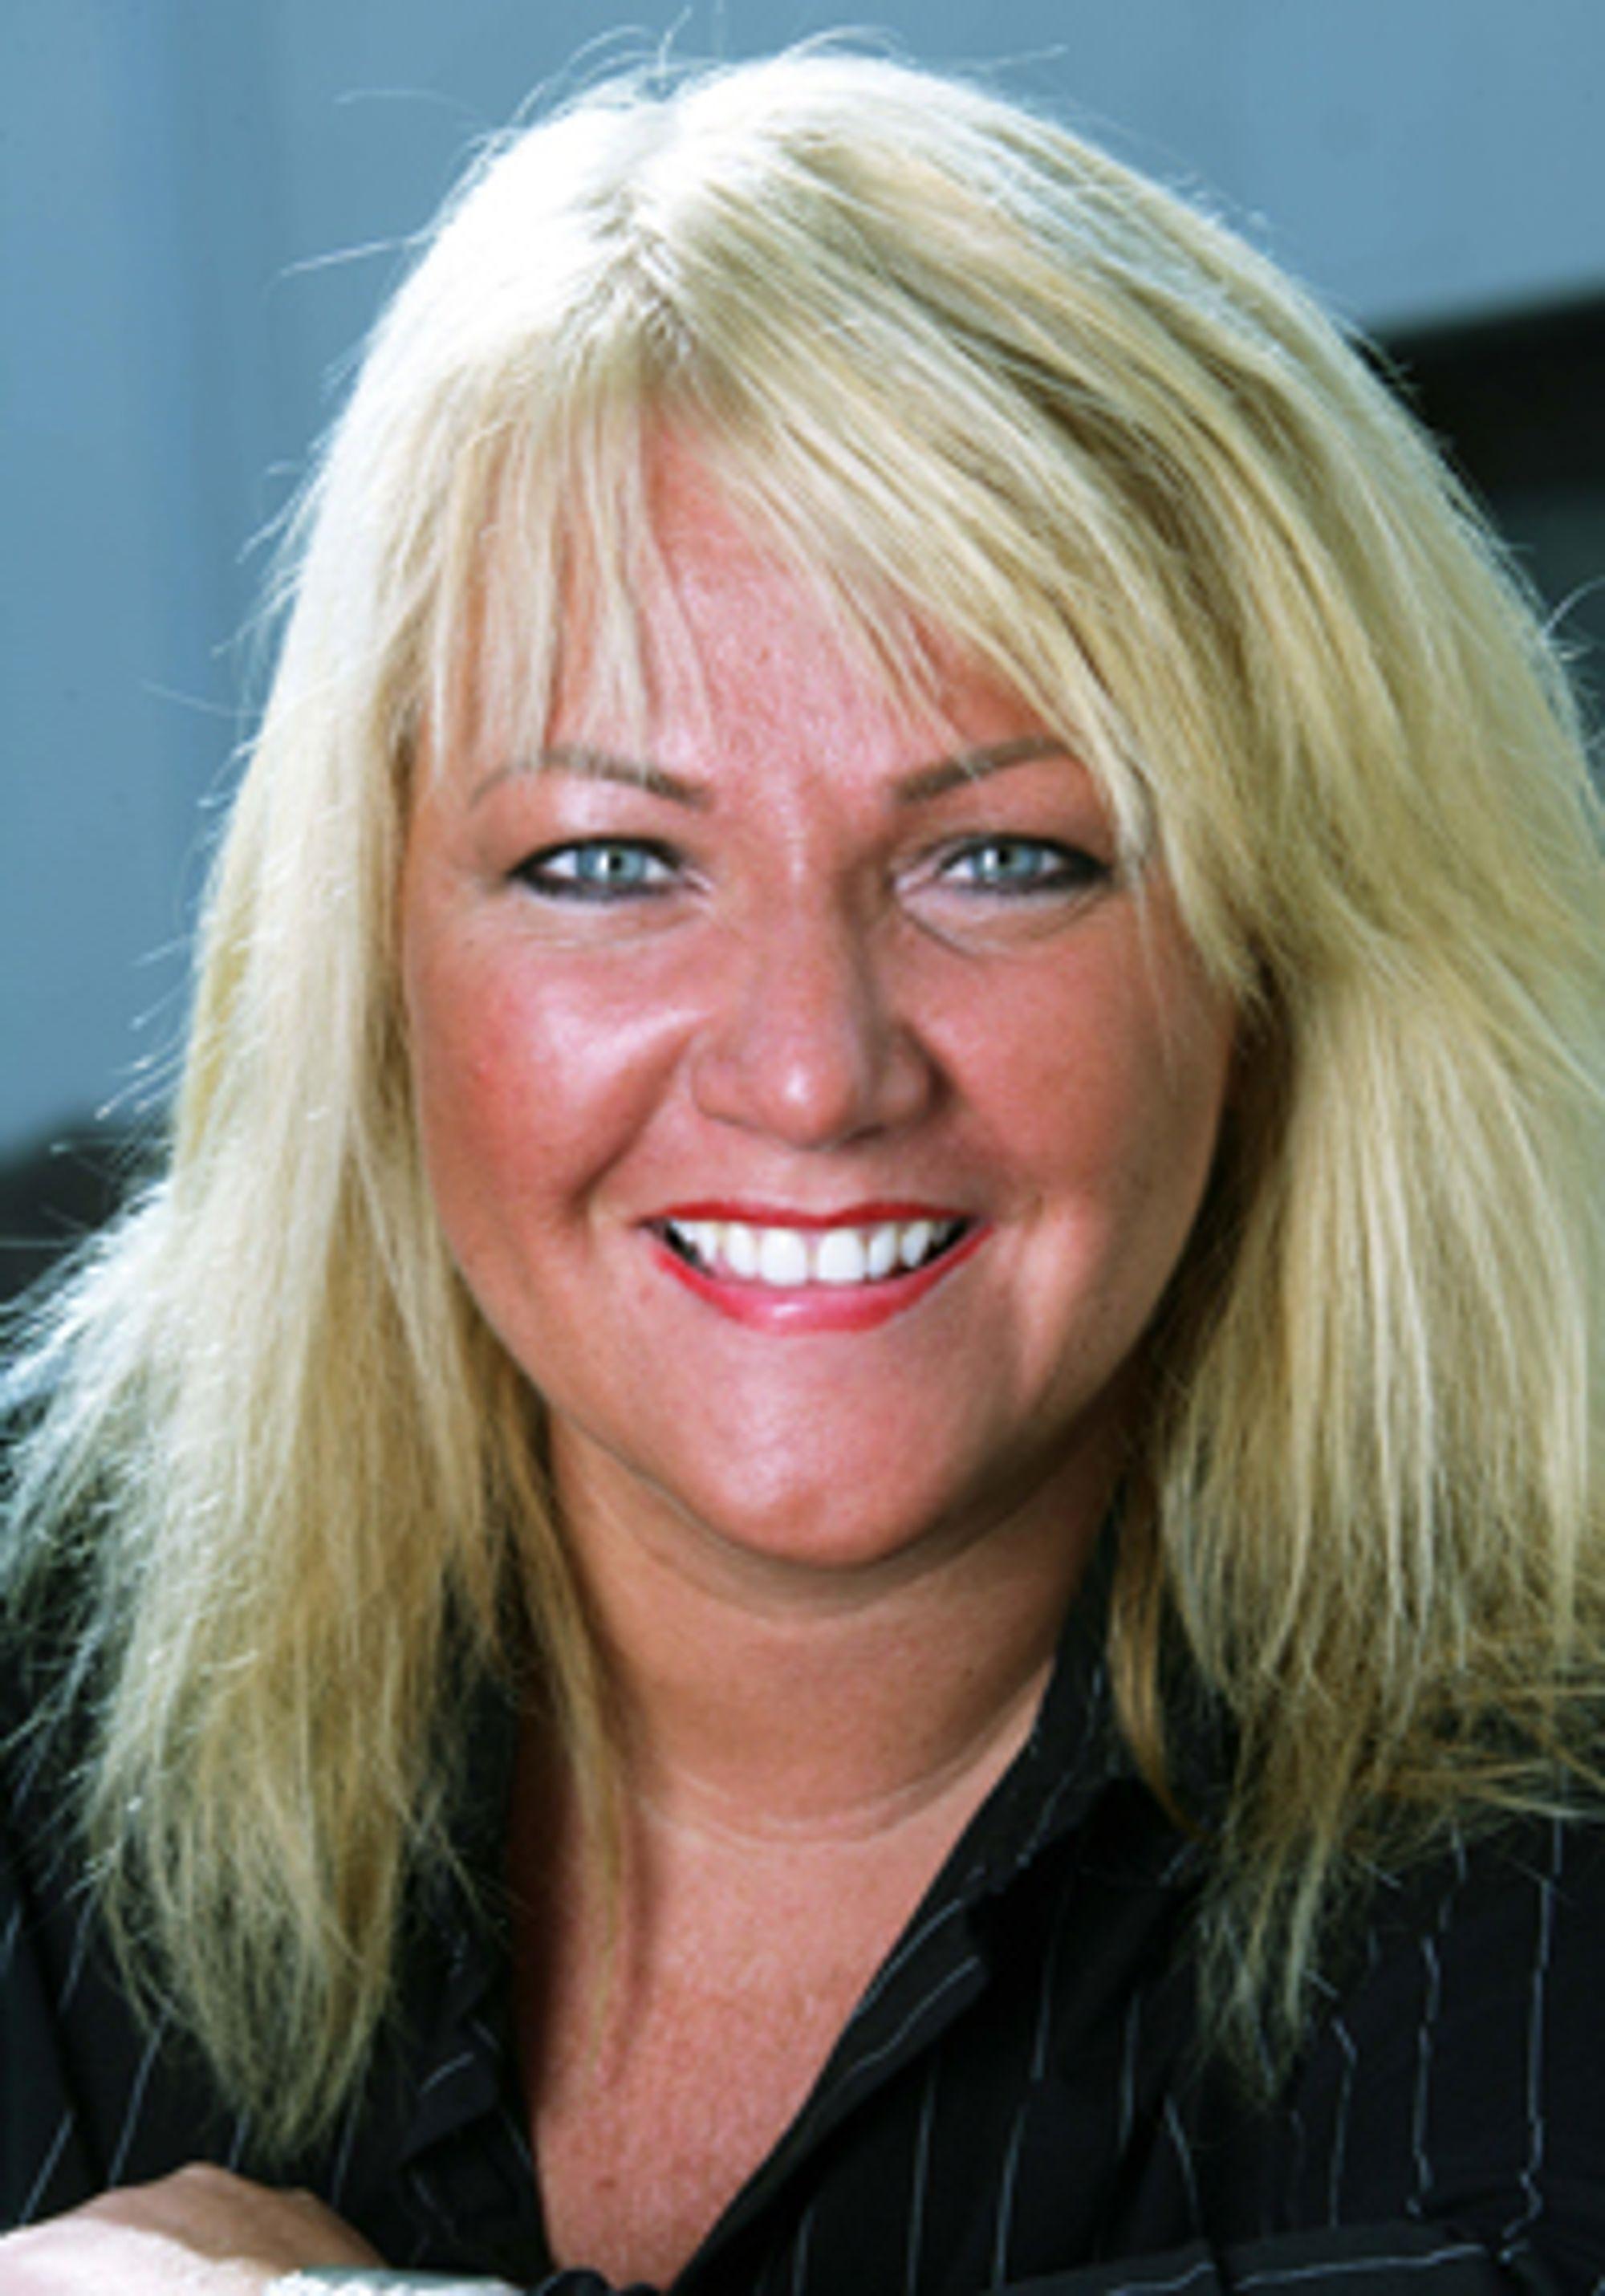 Siri Wormdahl avviser anklagene fra Ventelo (Foto: Nutel)